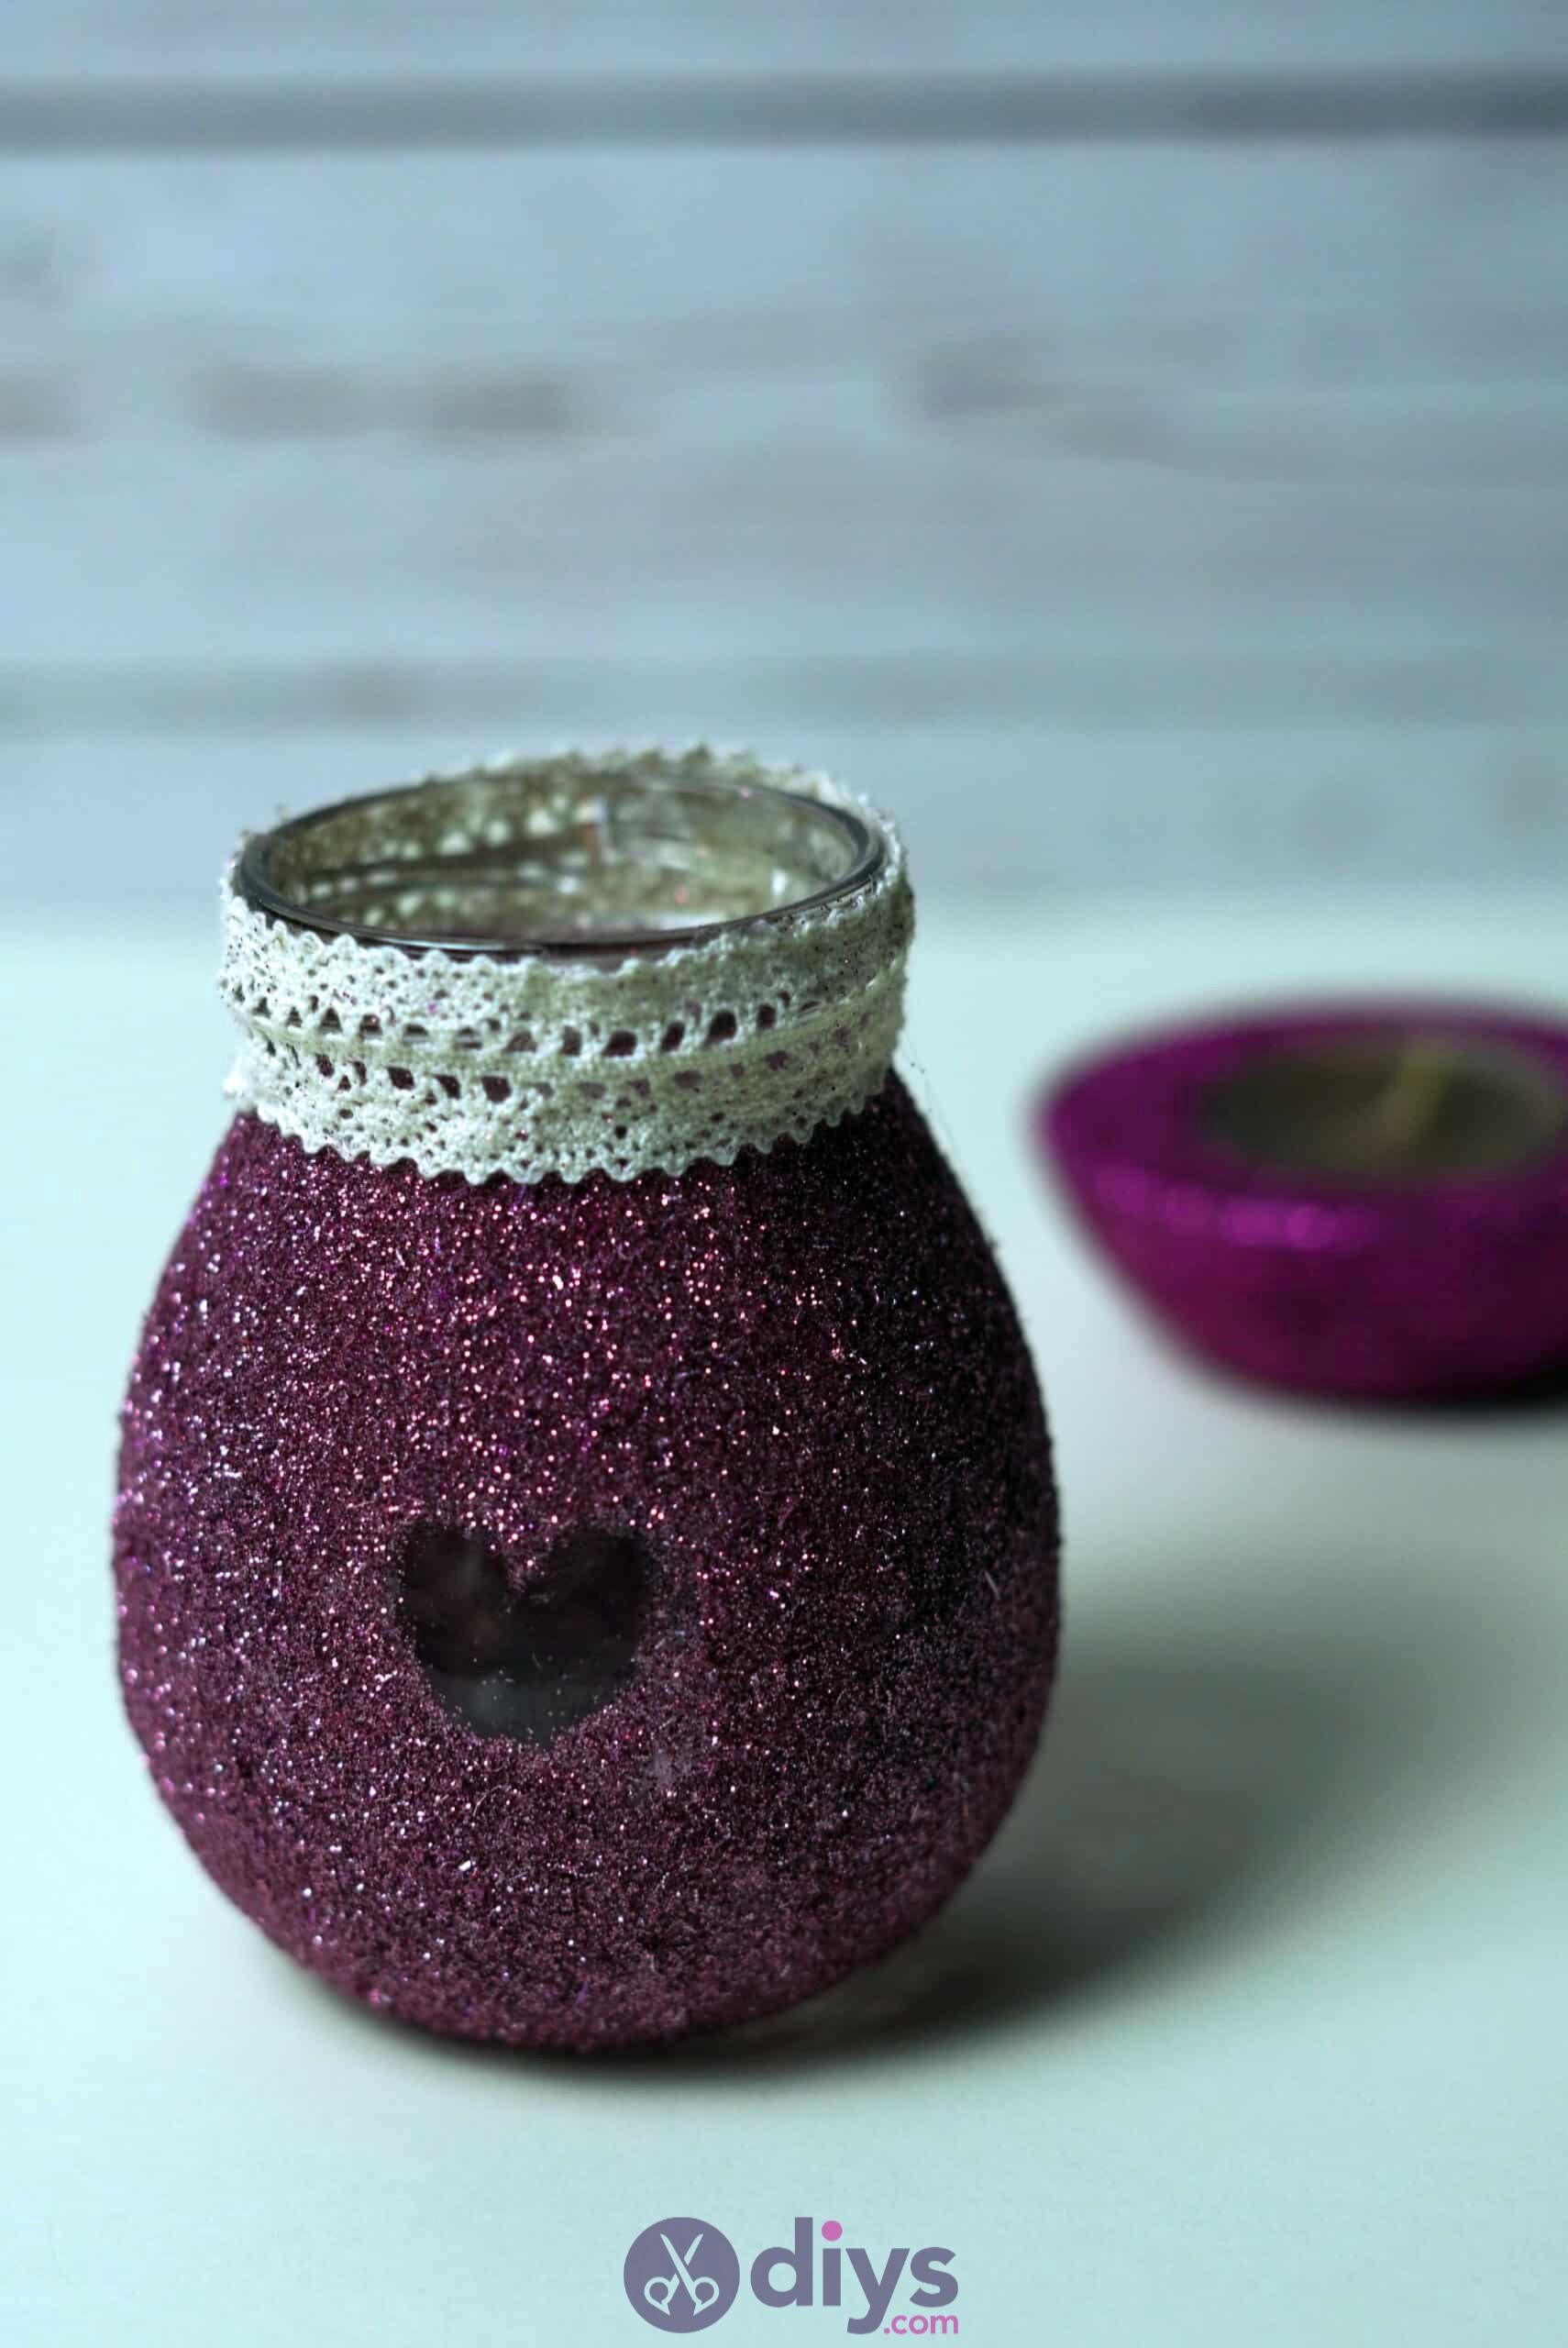 Diy flower glitter vase from glass jars diy